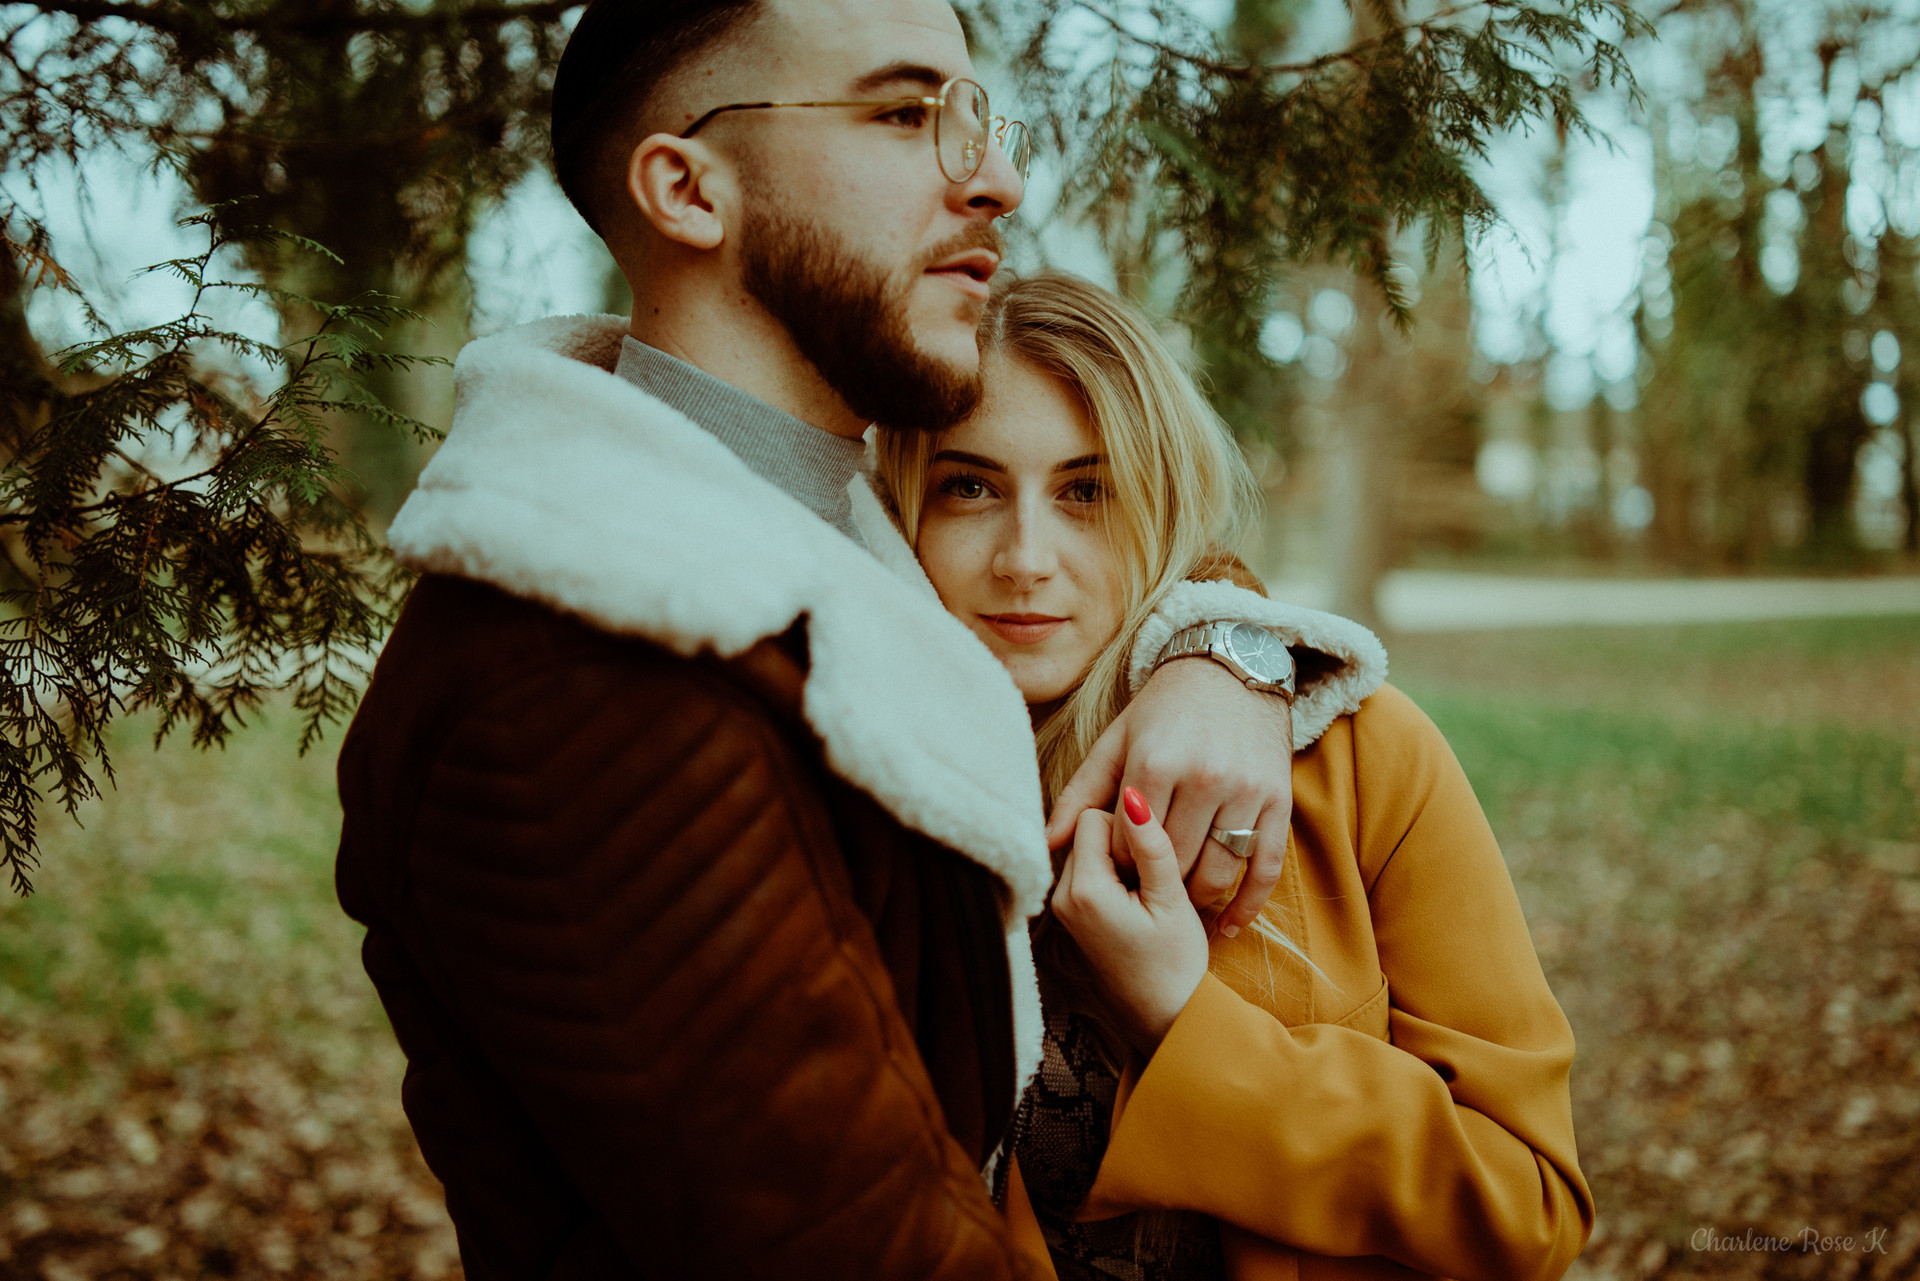 photographe,troyes,couple,lifestyle,amour,forêt,charlene,rose,k